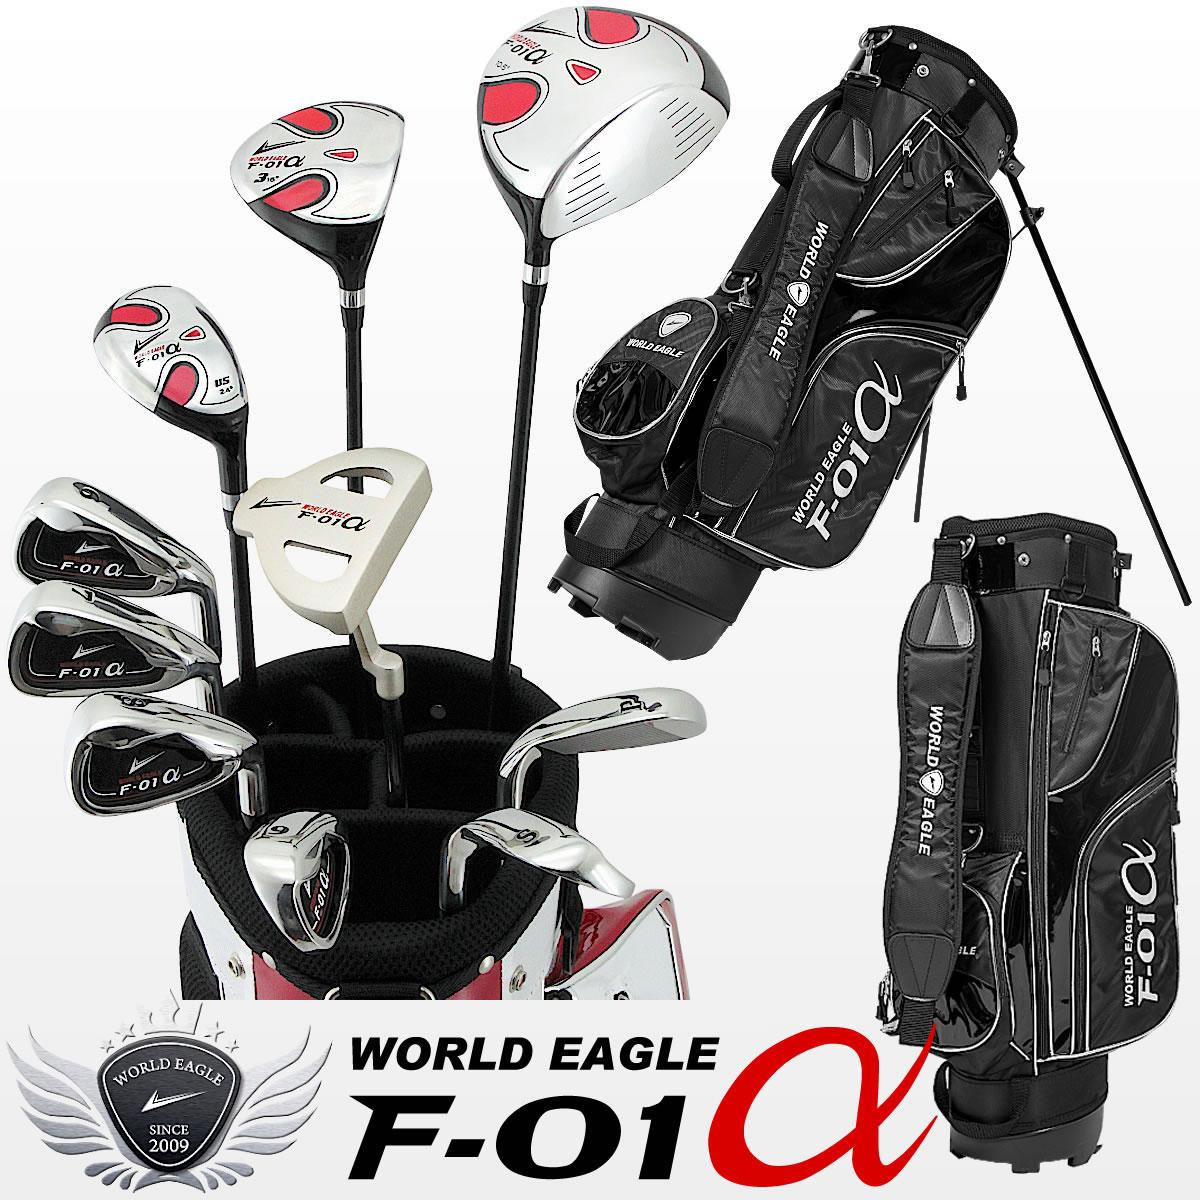 ワールドイーグル F-01α メンズ13点ゴルフクラブセット【右用】【ブラックバッグ】【WORLD EAGLE】【初心者 初級者 ビギナー】【送料無料】【あす楽】